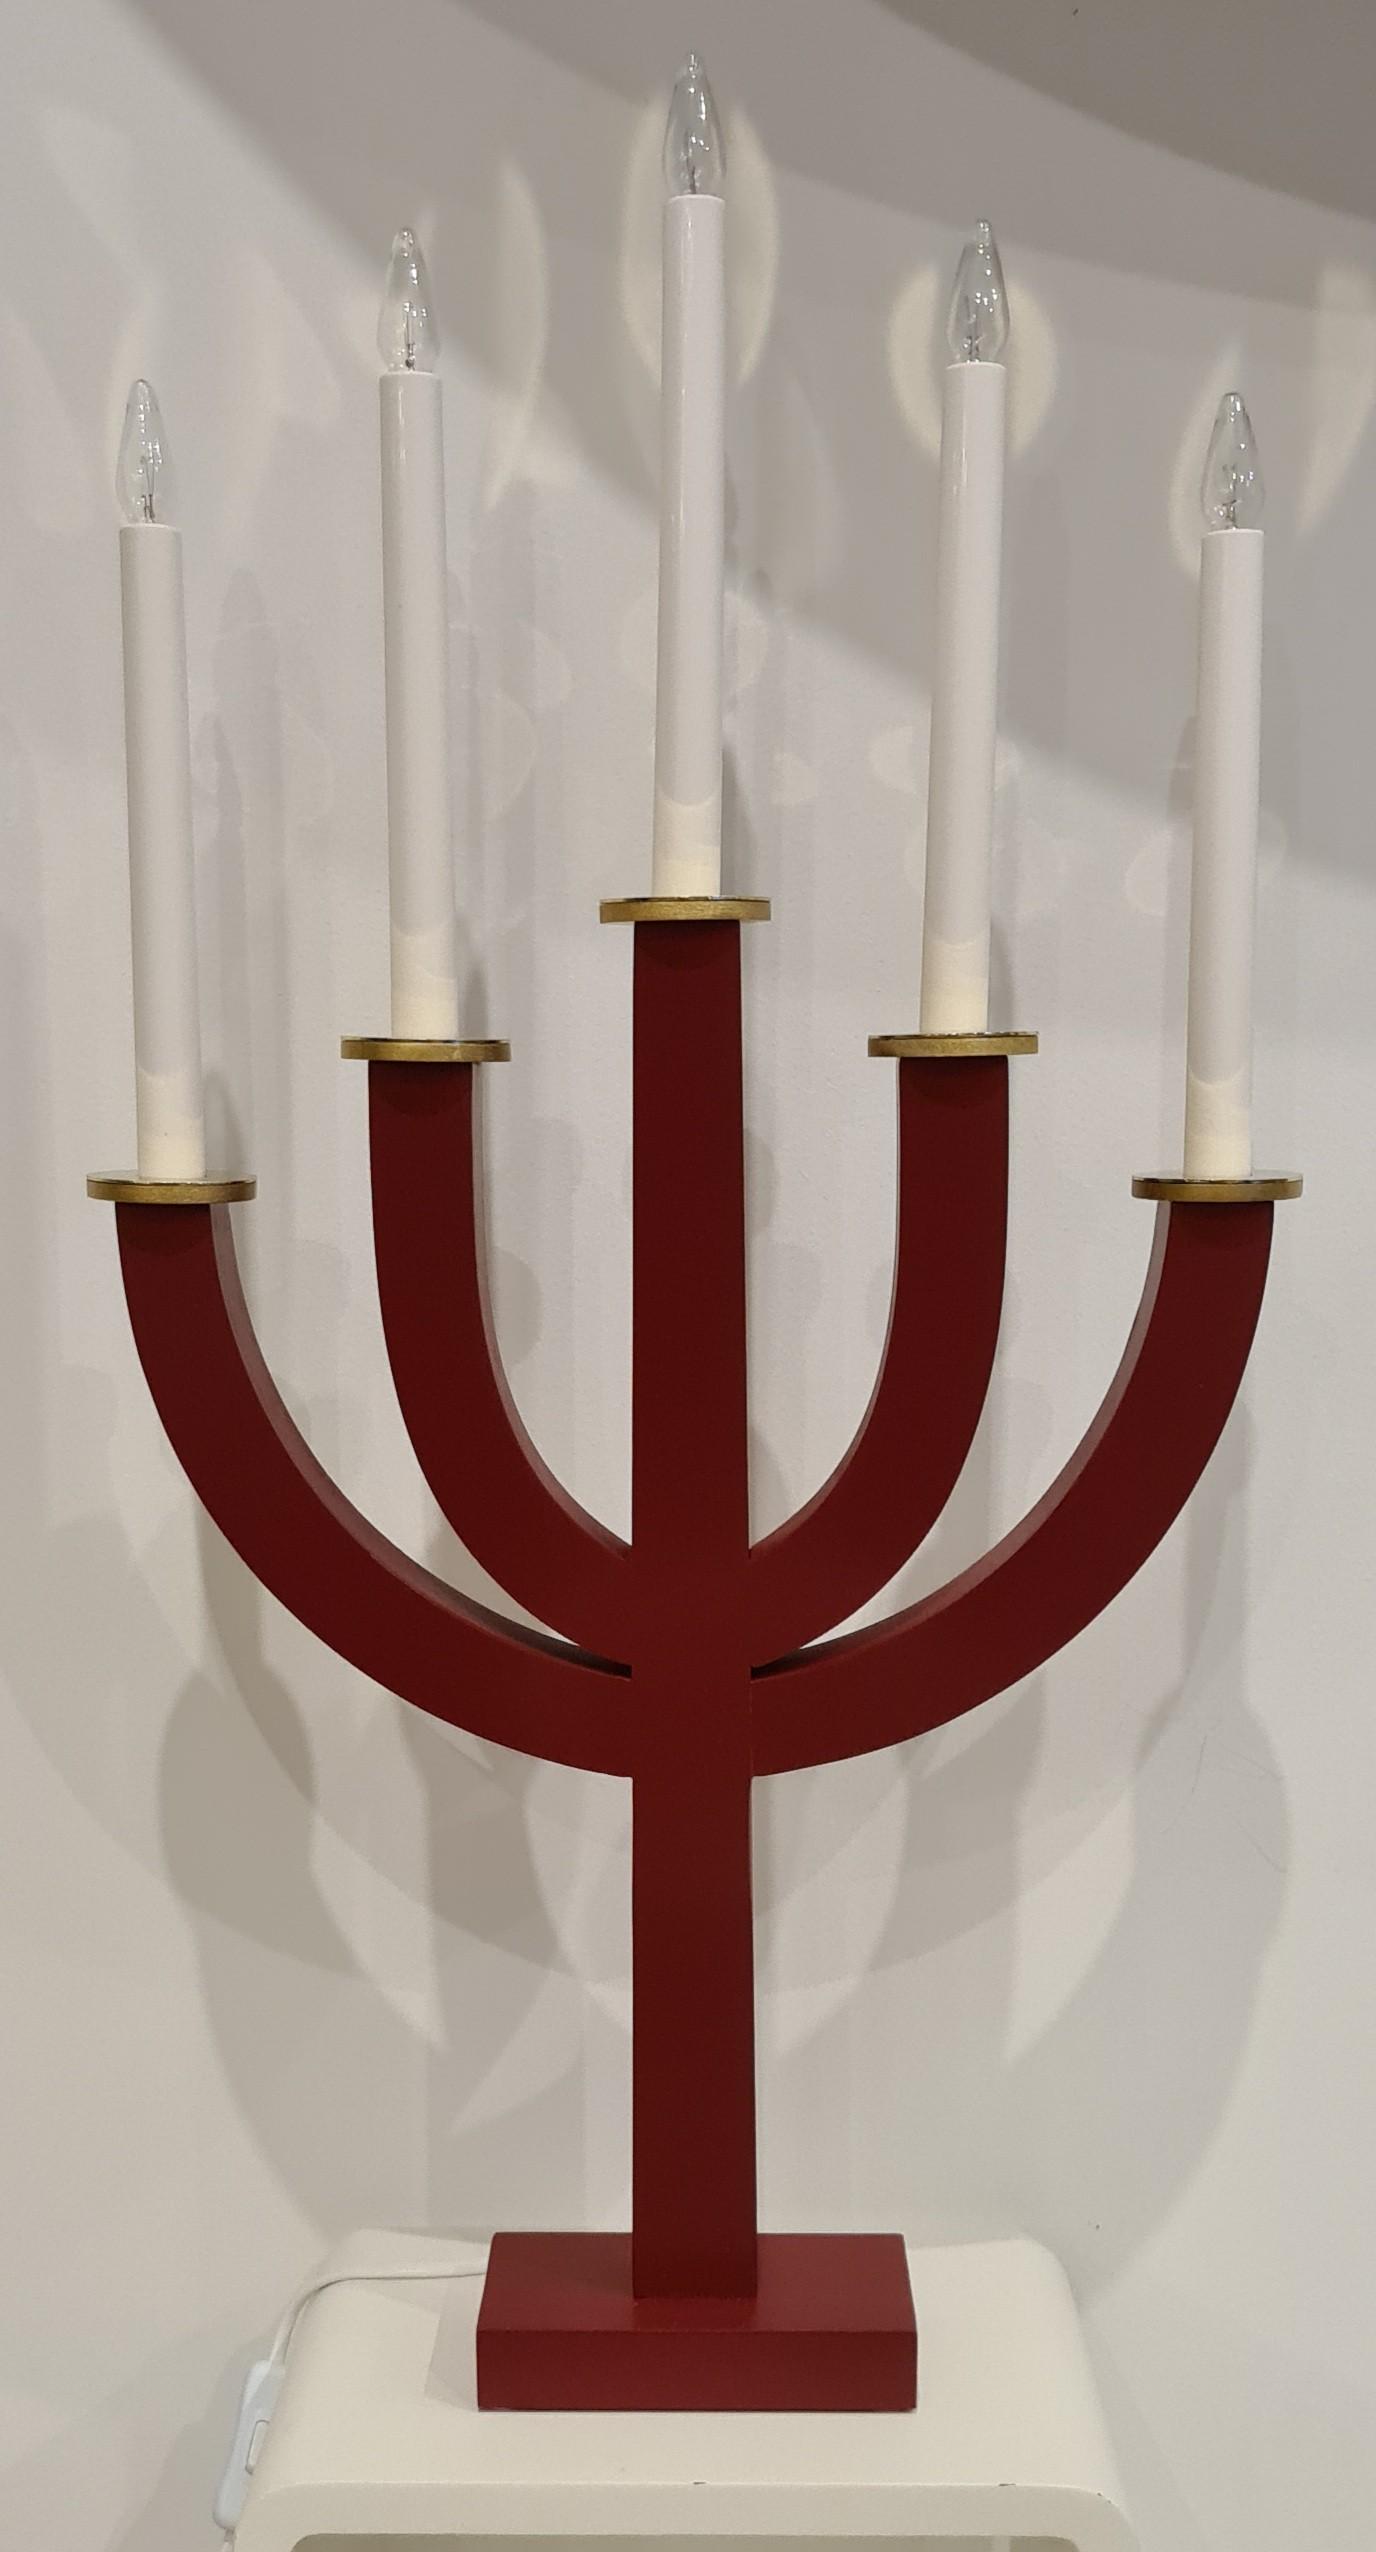 Lot de 4 chandeliers 5branches rouges